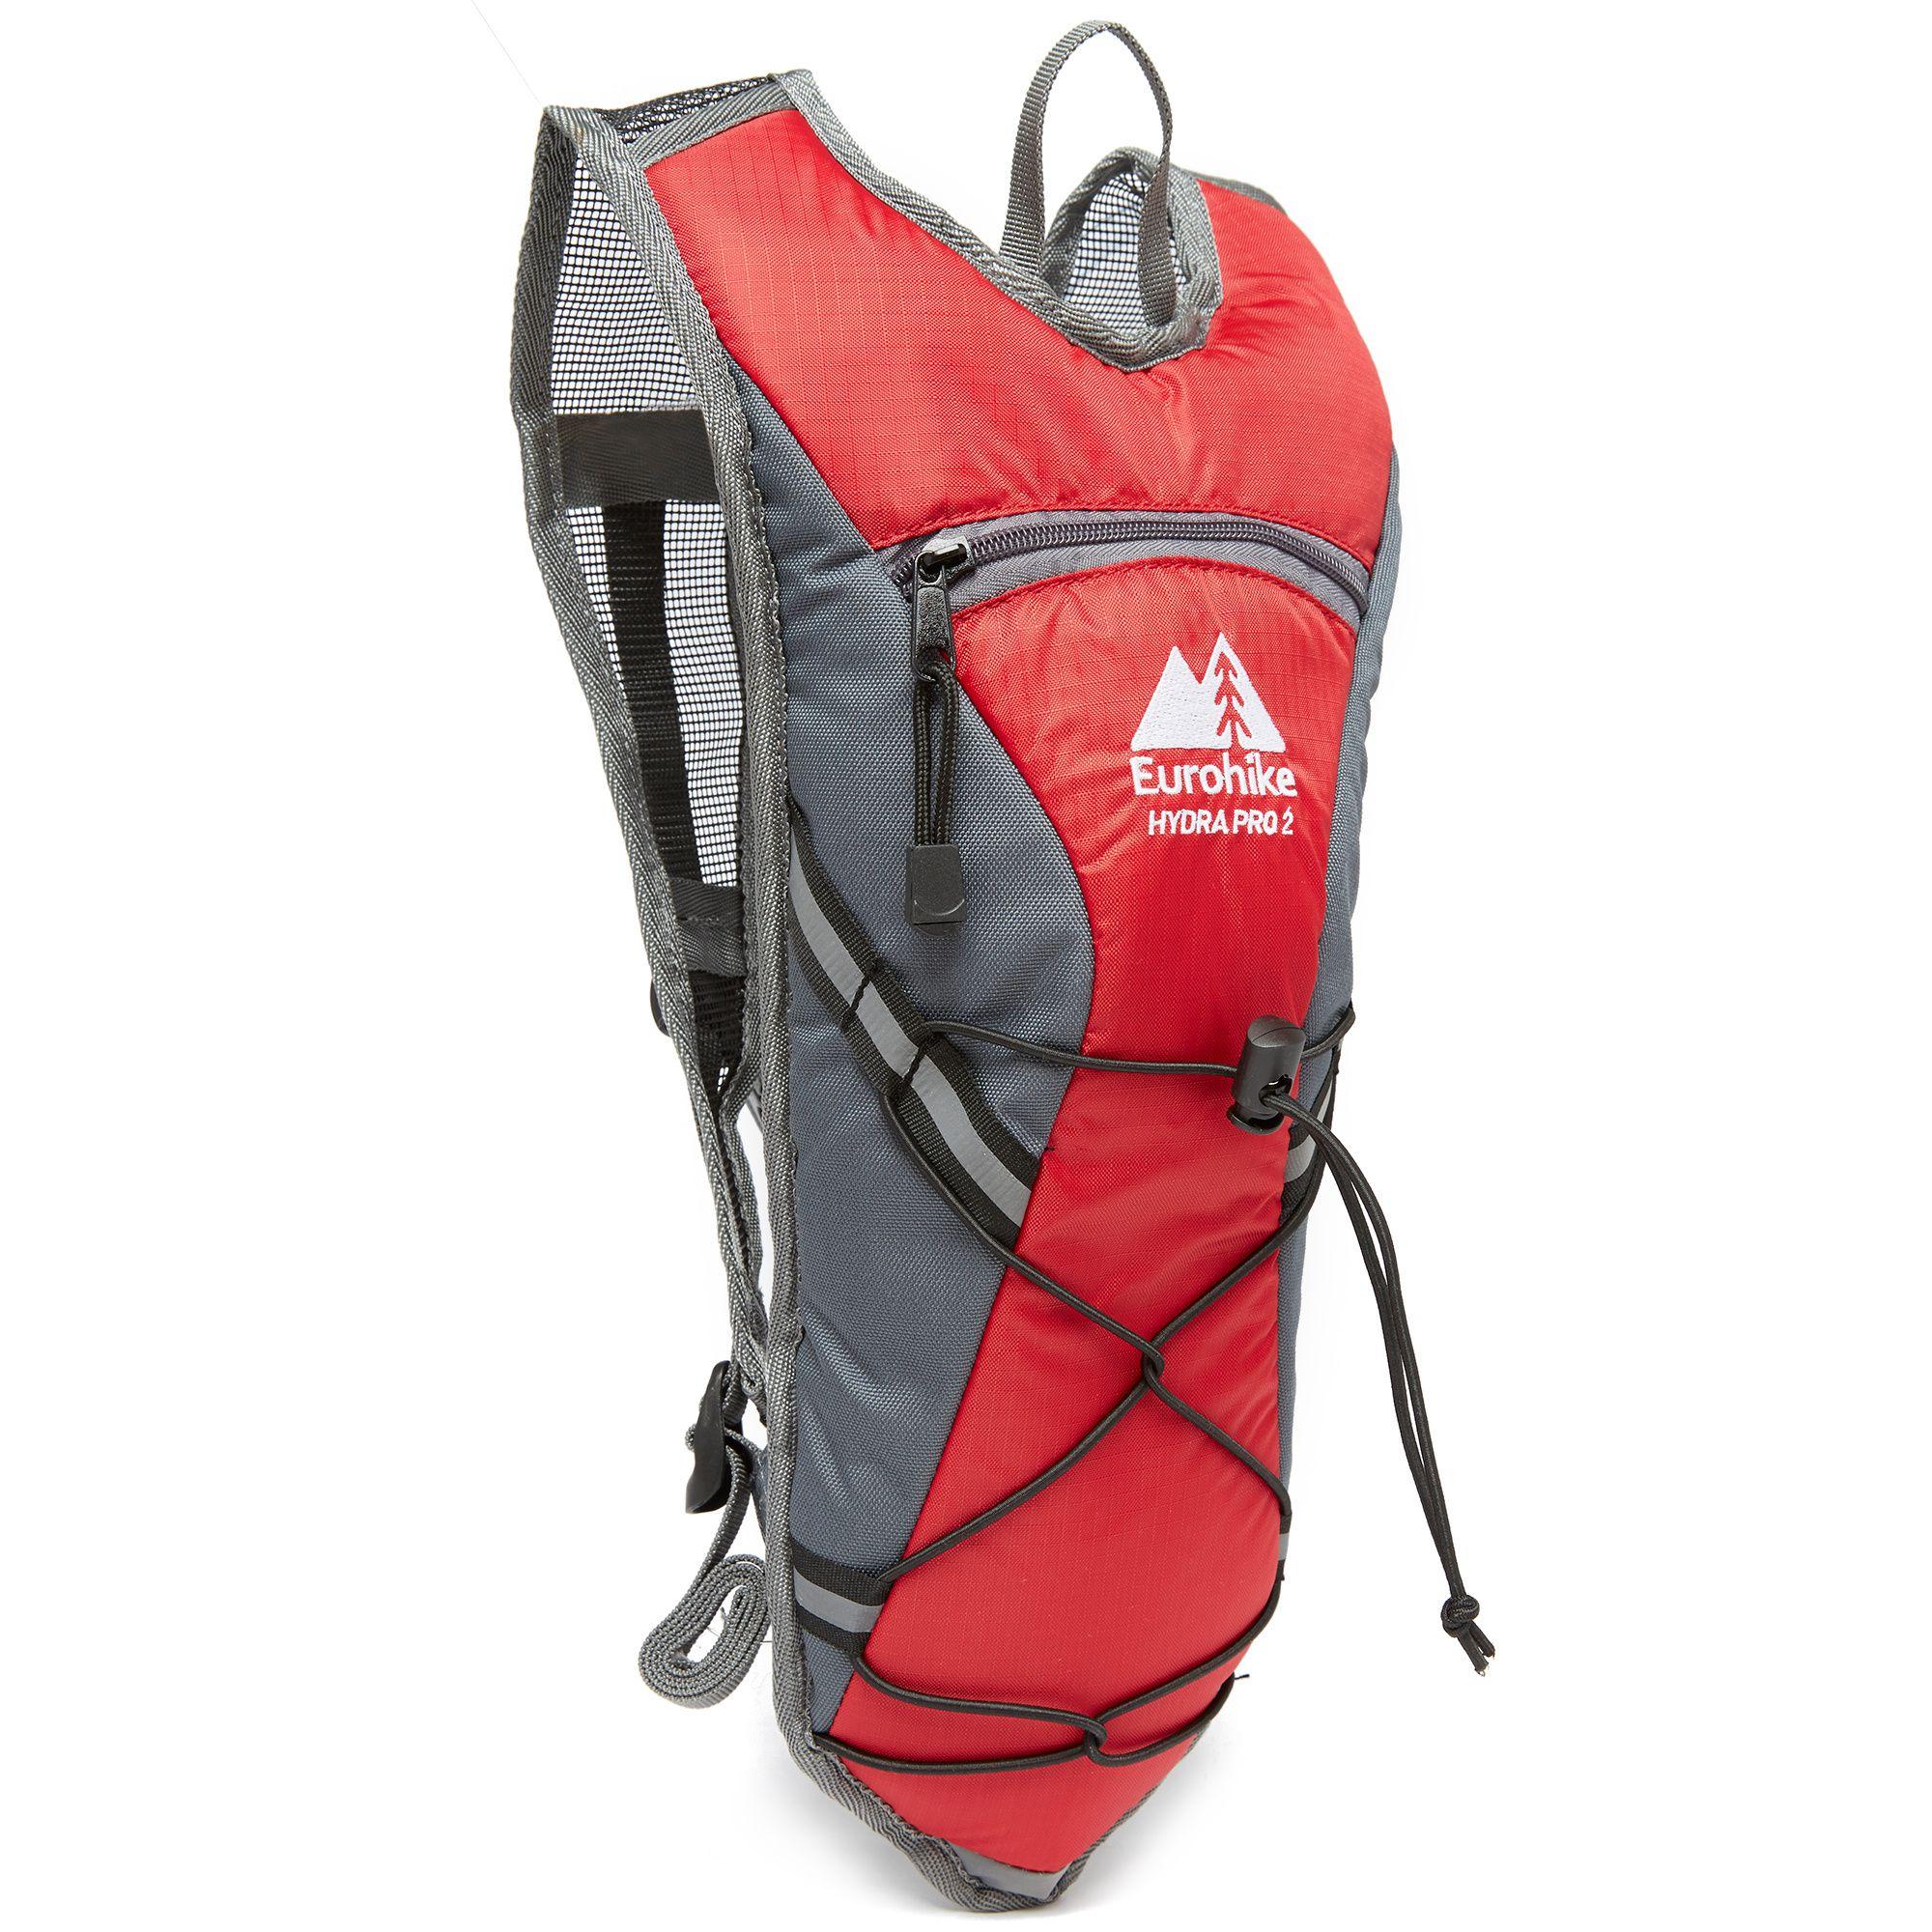 EUROHIKE Hydra Pro 2 Hydration Pack